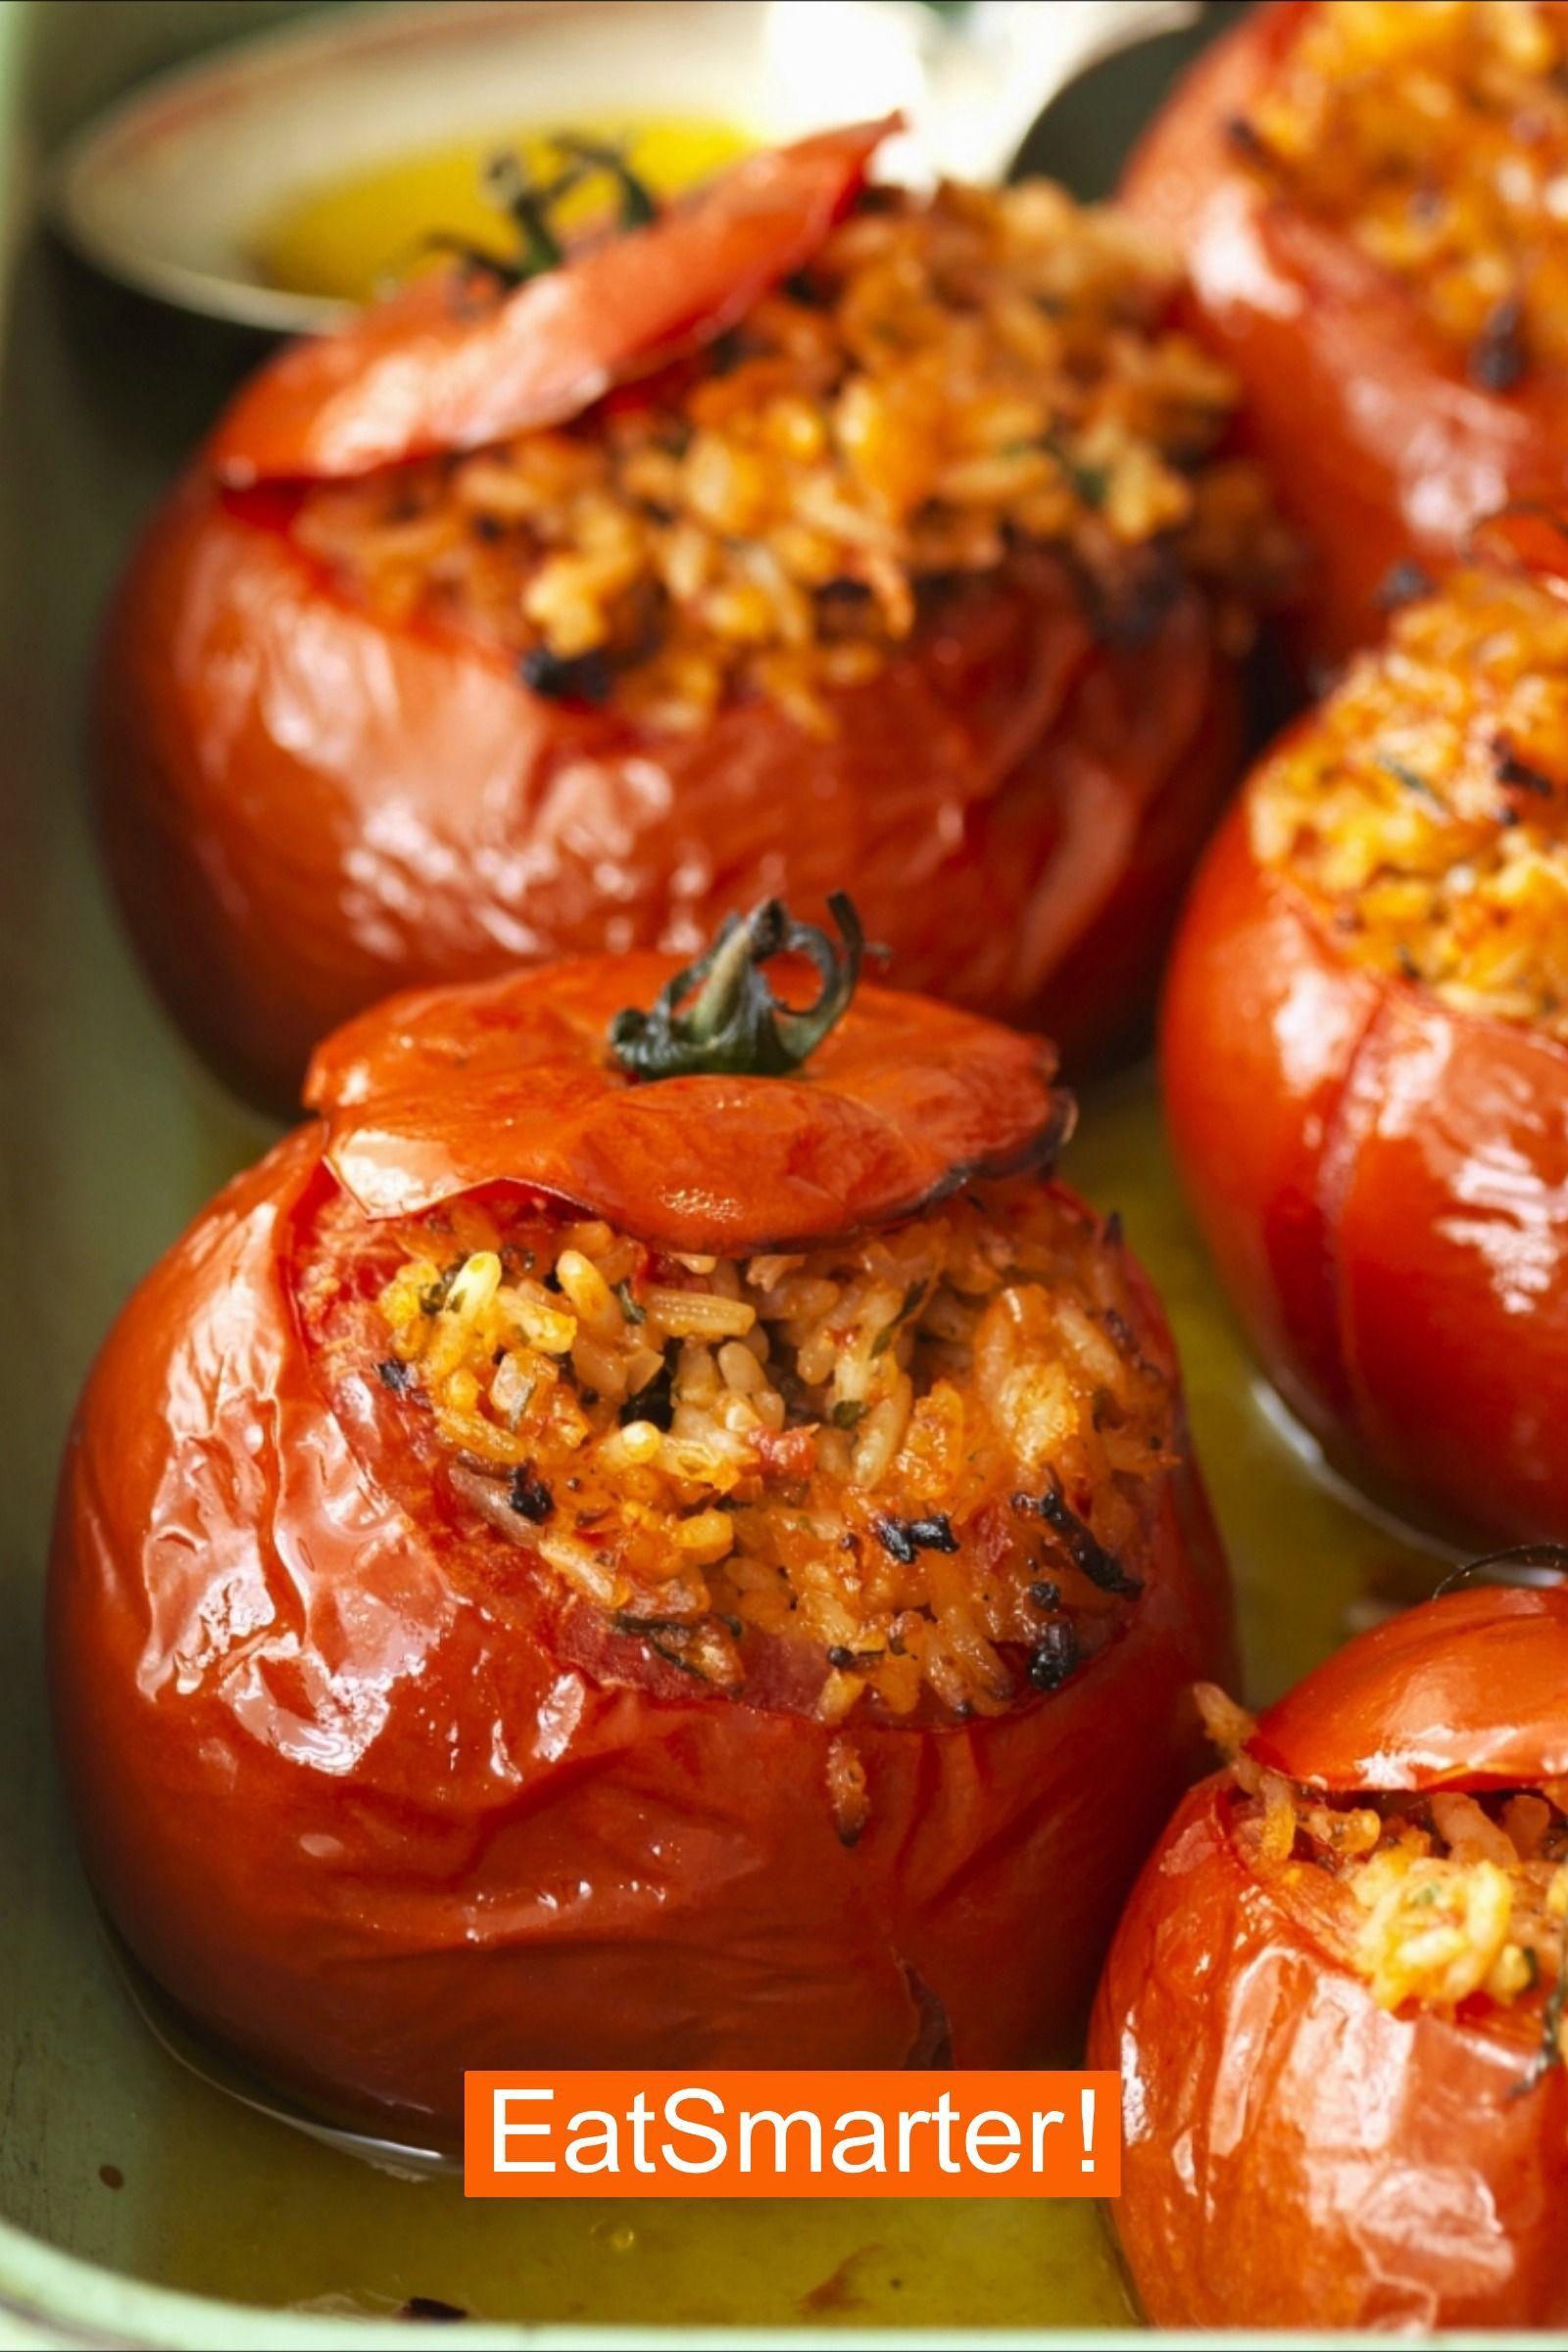 Ofengemüse: Gefüllte Tomaten aus dem Ofen | EAT SMARTER -  Ofengemüse: Gemüse-Fans aufgepasst: Die gefüllten Tomaten aus dem Ofen liefern wertvolles Vitami - #aus #dem #eat #gefullte #HealthyVegetableSoups #Ofen #ofengemuse #smarter #tomaten #VeganRecipes #VegetarianRecipes